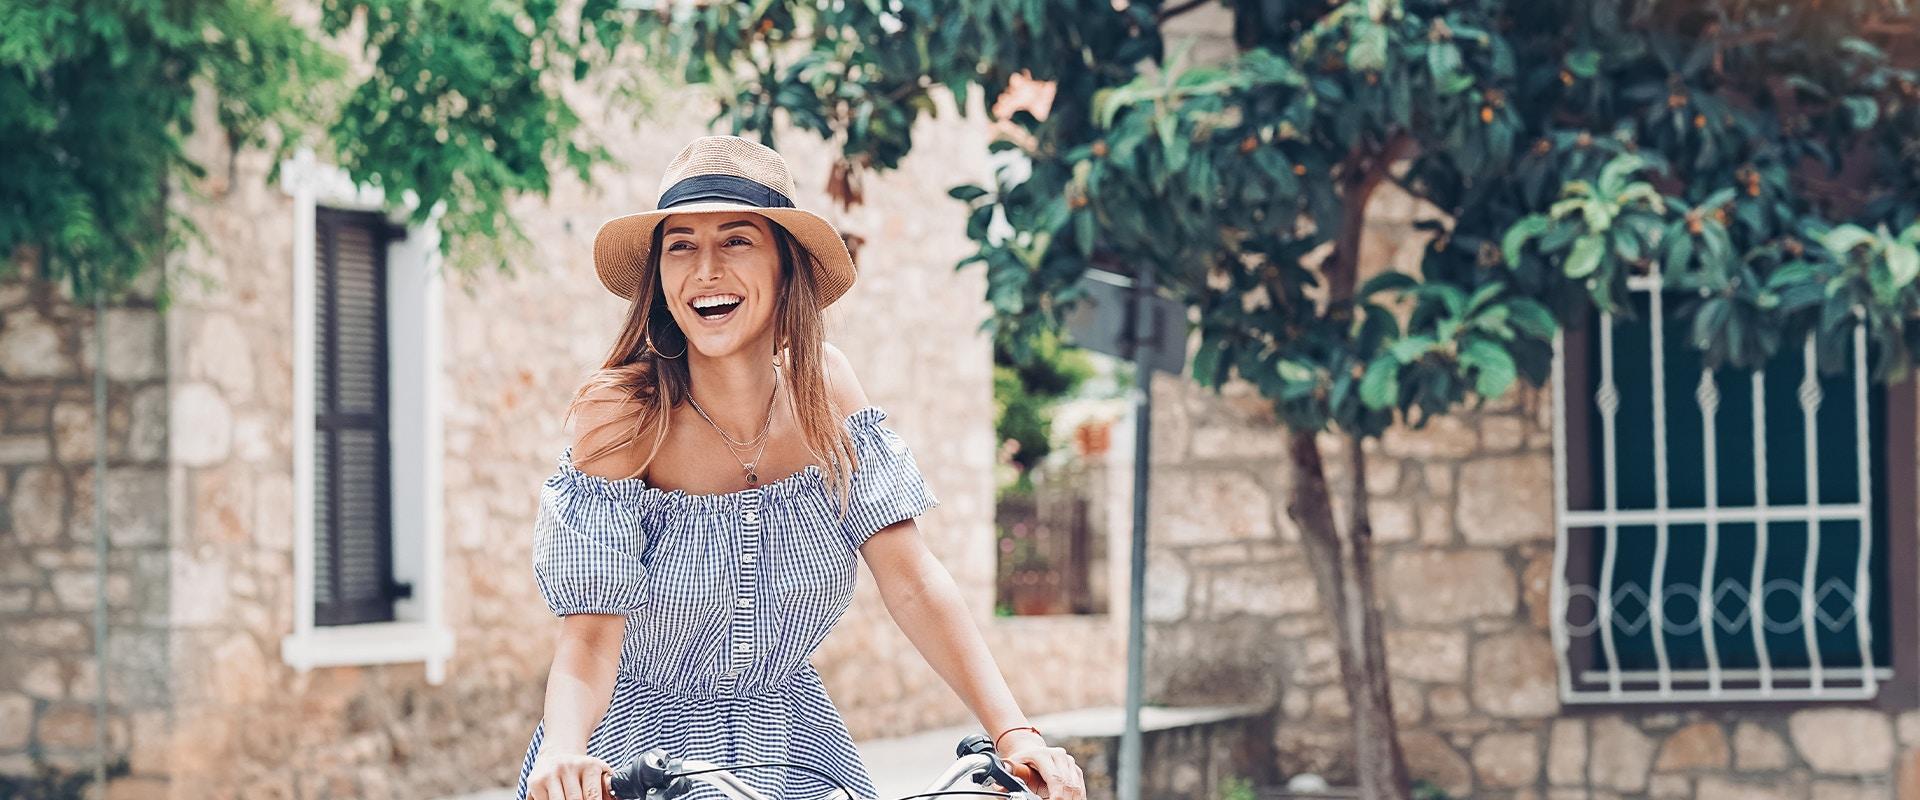 Eine Frau auf einem Fahrrad. Sie lacht.